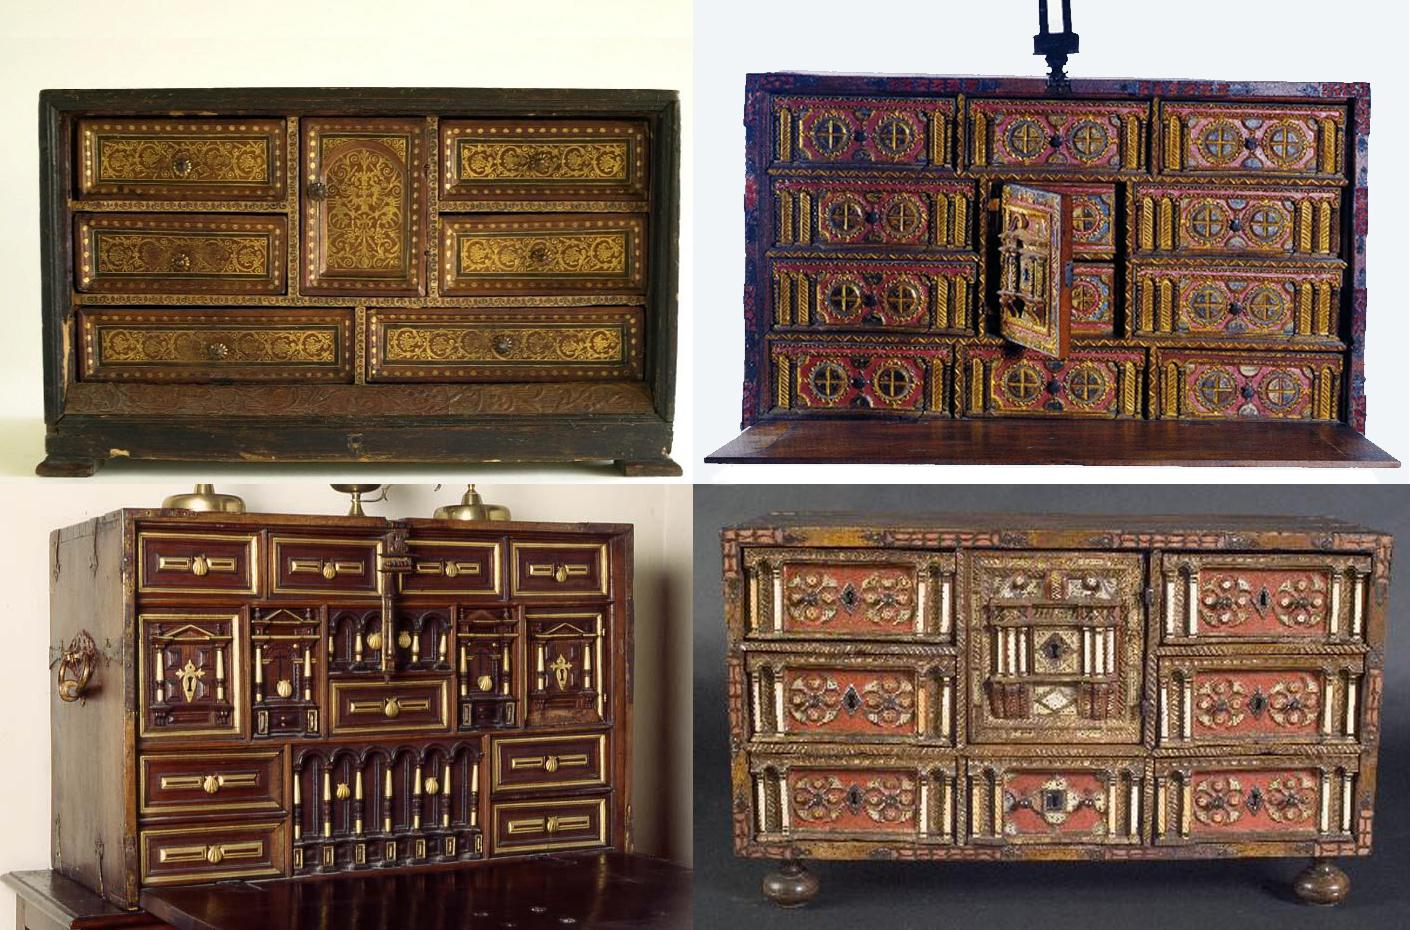 Historia Del Mueble 05 # Muebles Egipcios Caracteristicas